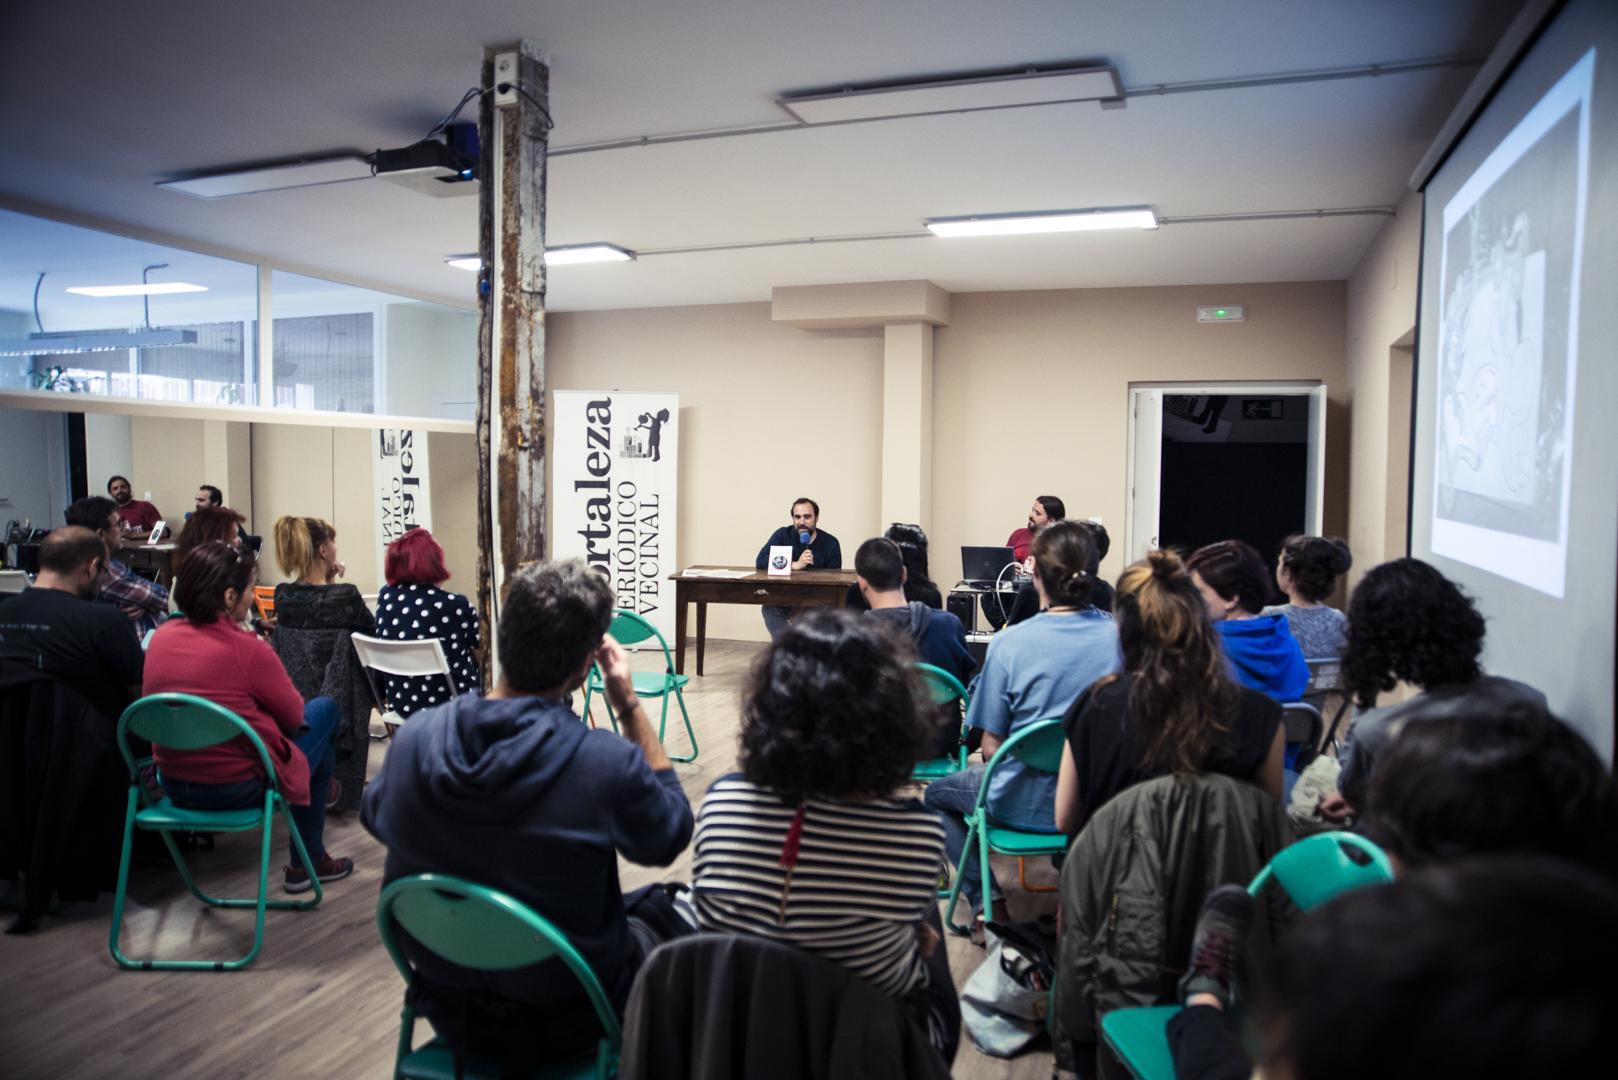 La presentación del libro estuvo organizada por Hortaleza Periódico Vecinal. SANDRA BLANCO